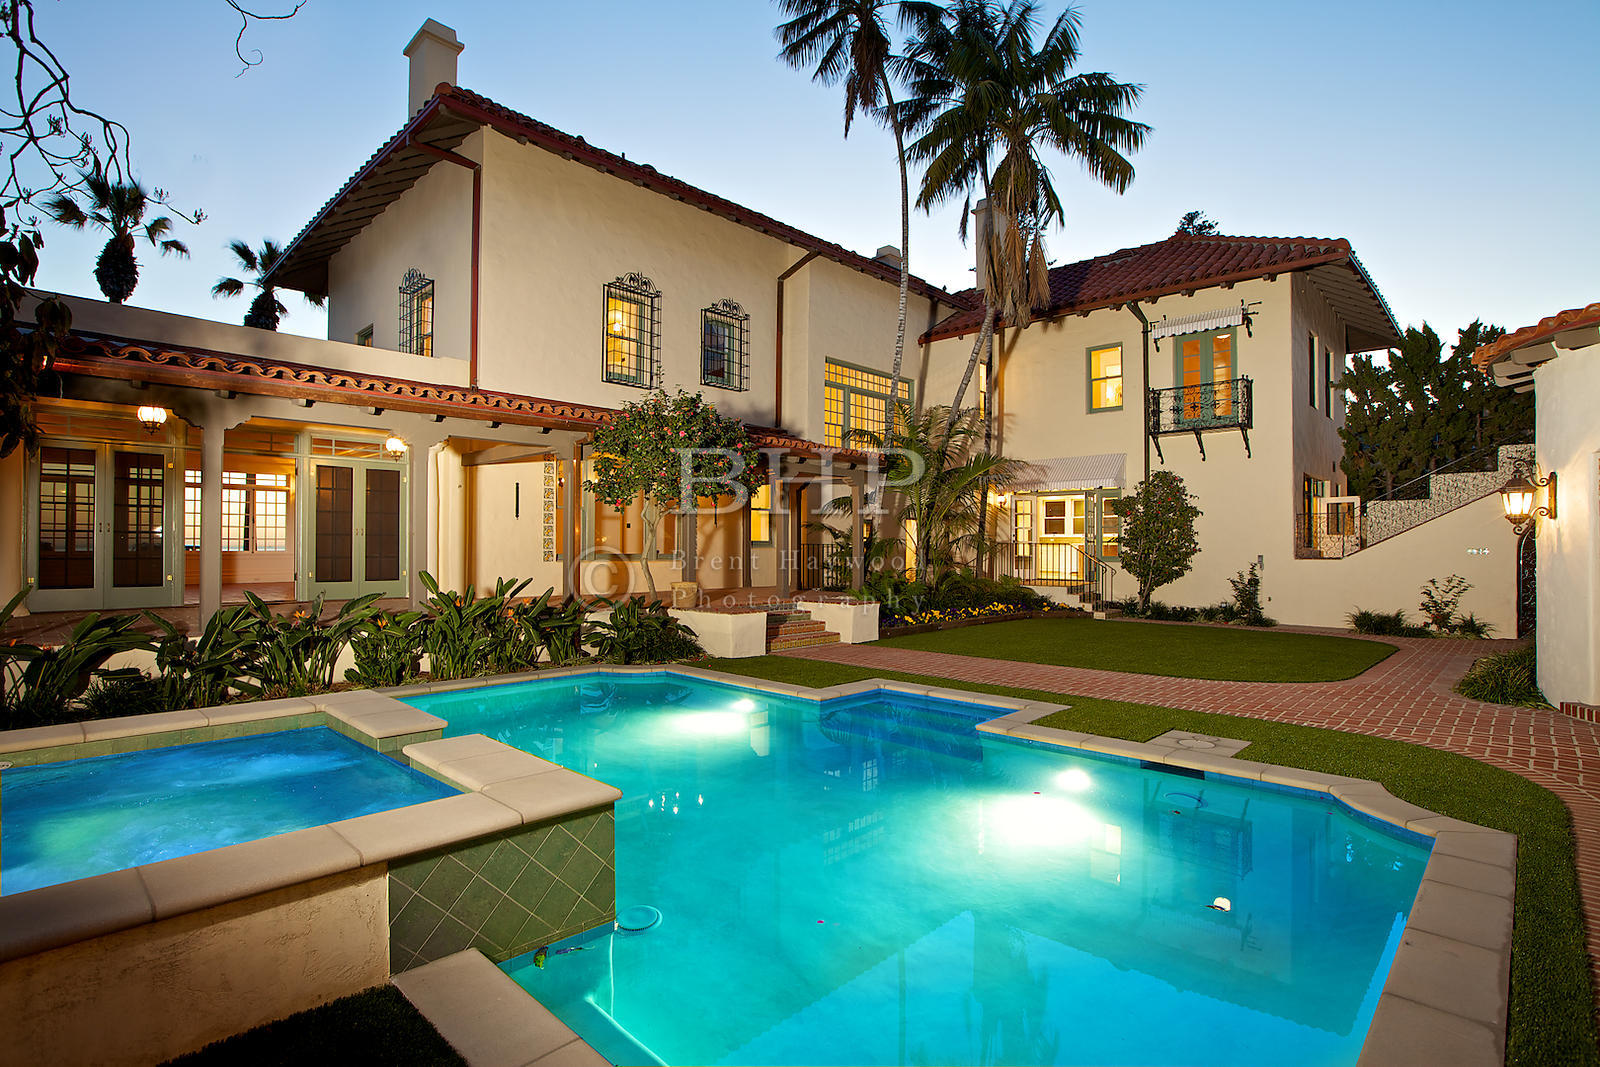 king+real+estate